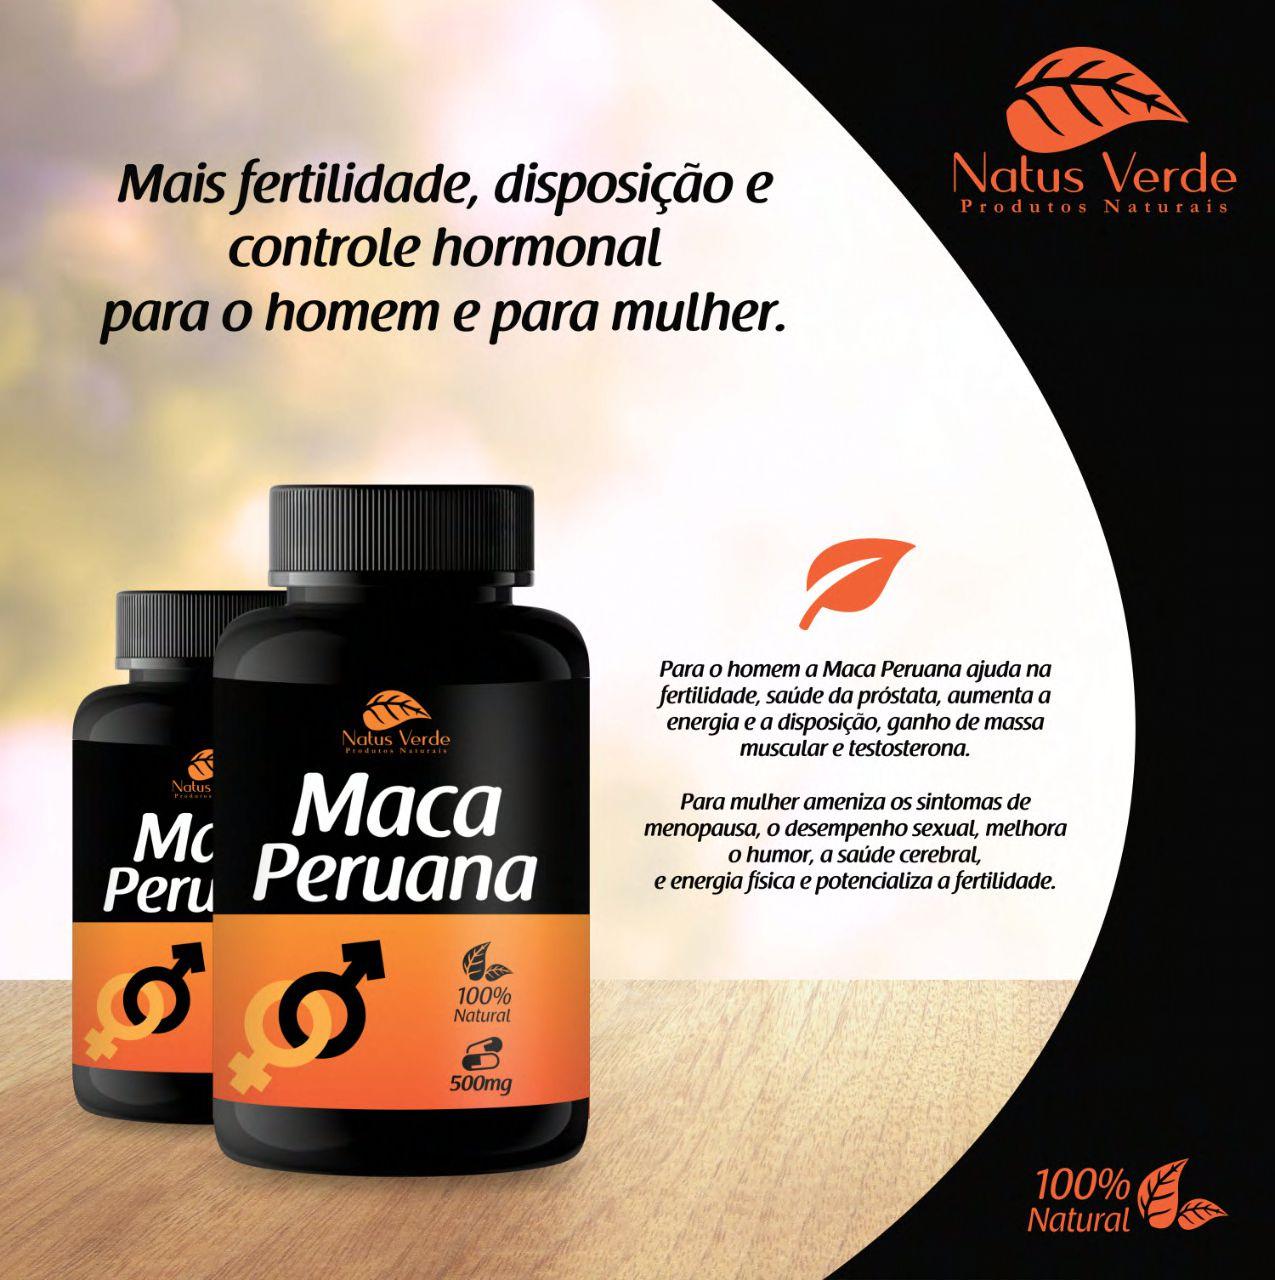 Produto Natural Maca Peruana 60 Caps Natus Verde  - Fribasex - Fabricasex.com